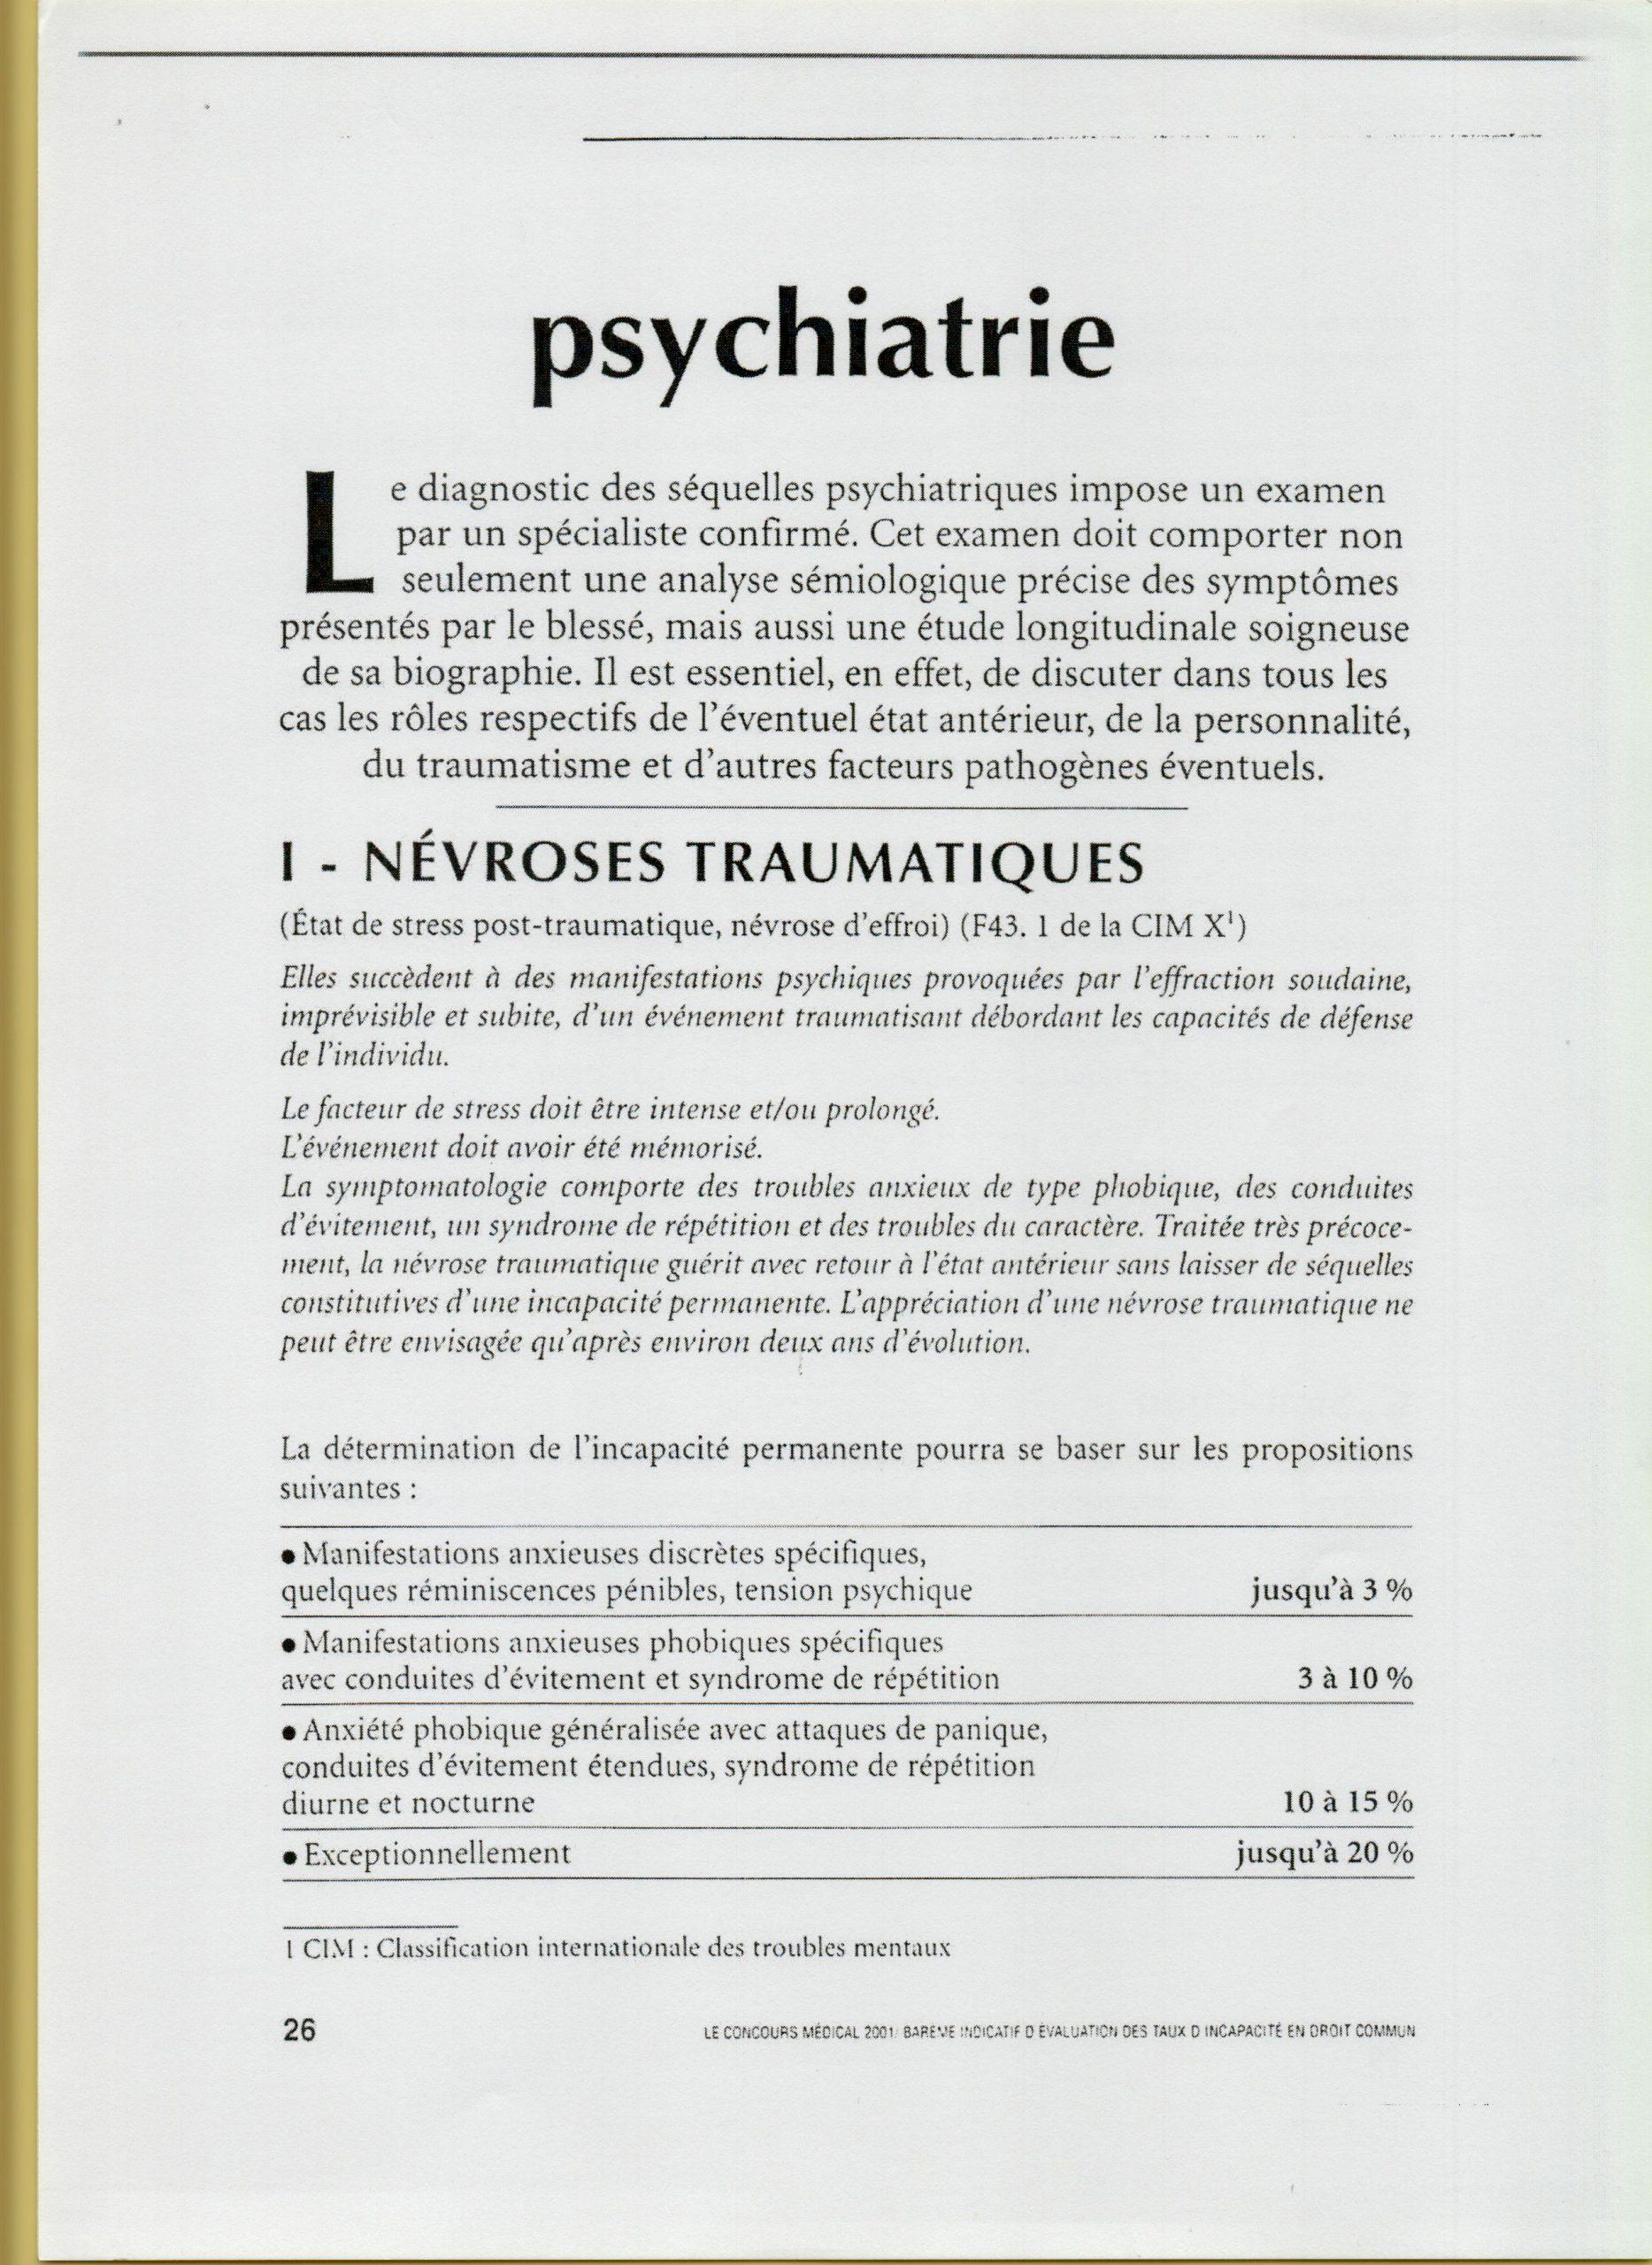 Le barème indicatifd'évaluation des taux d'incapacité en droit  commun psychiatrie